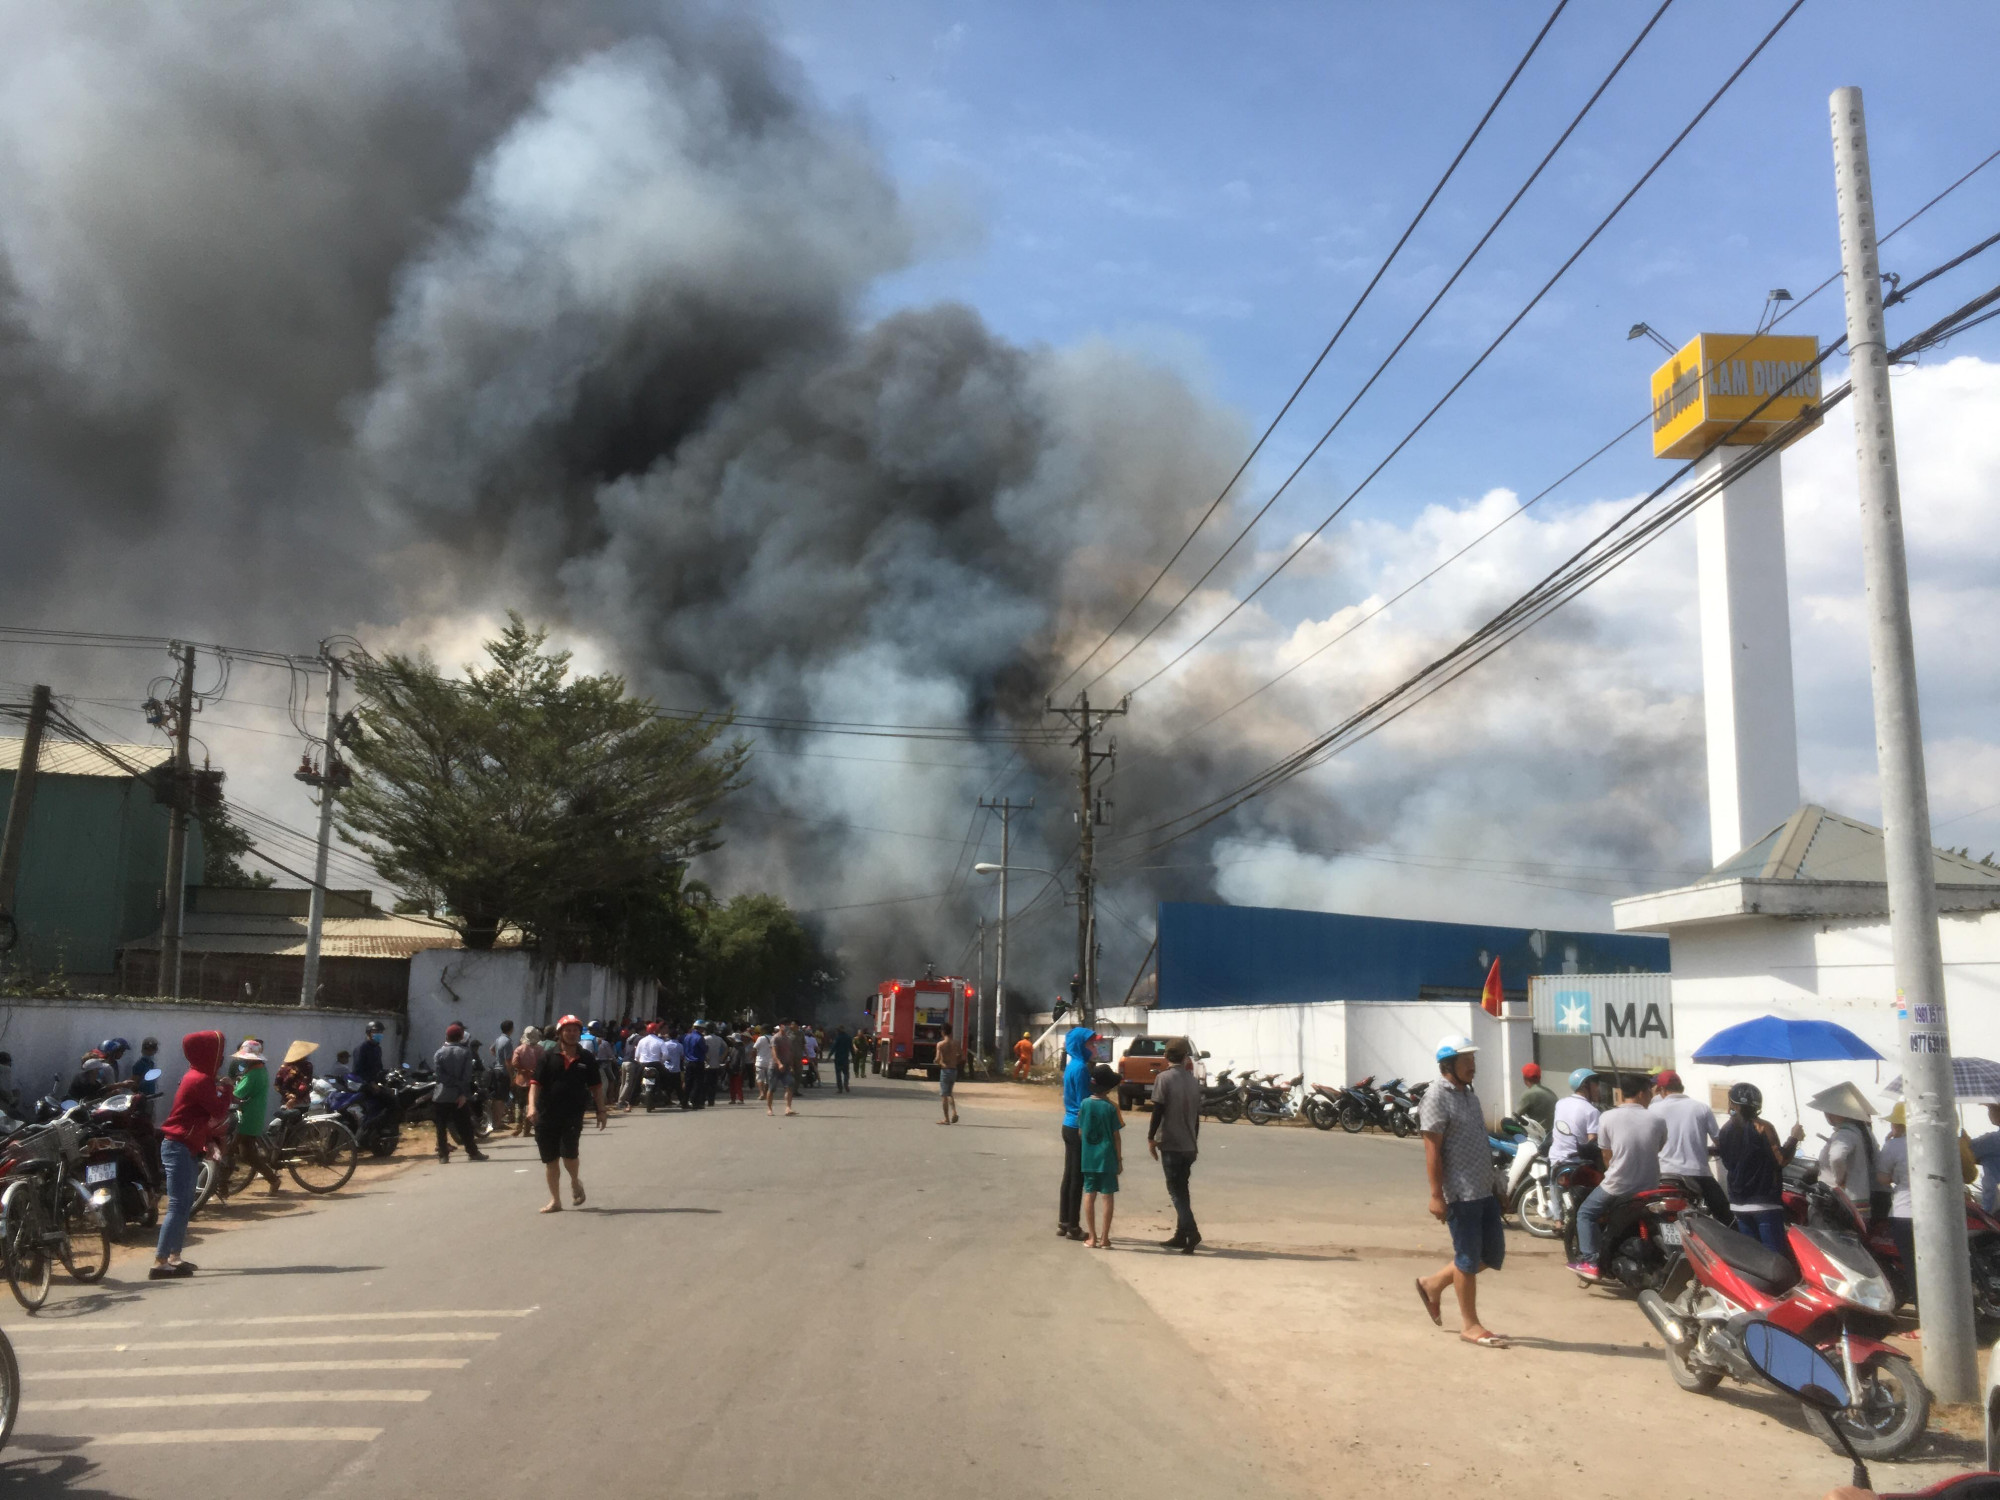 Ngọn lửa bao trùm công ty gỗ chỉ trong chốc lát